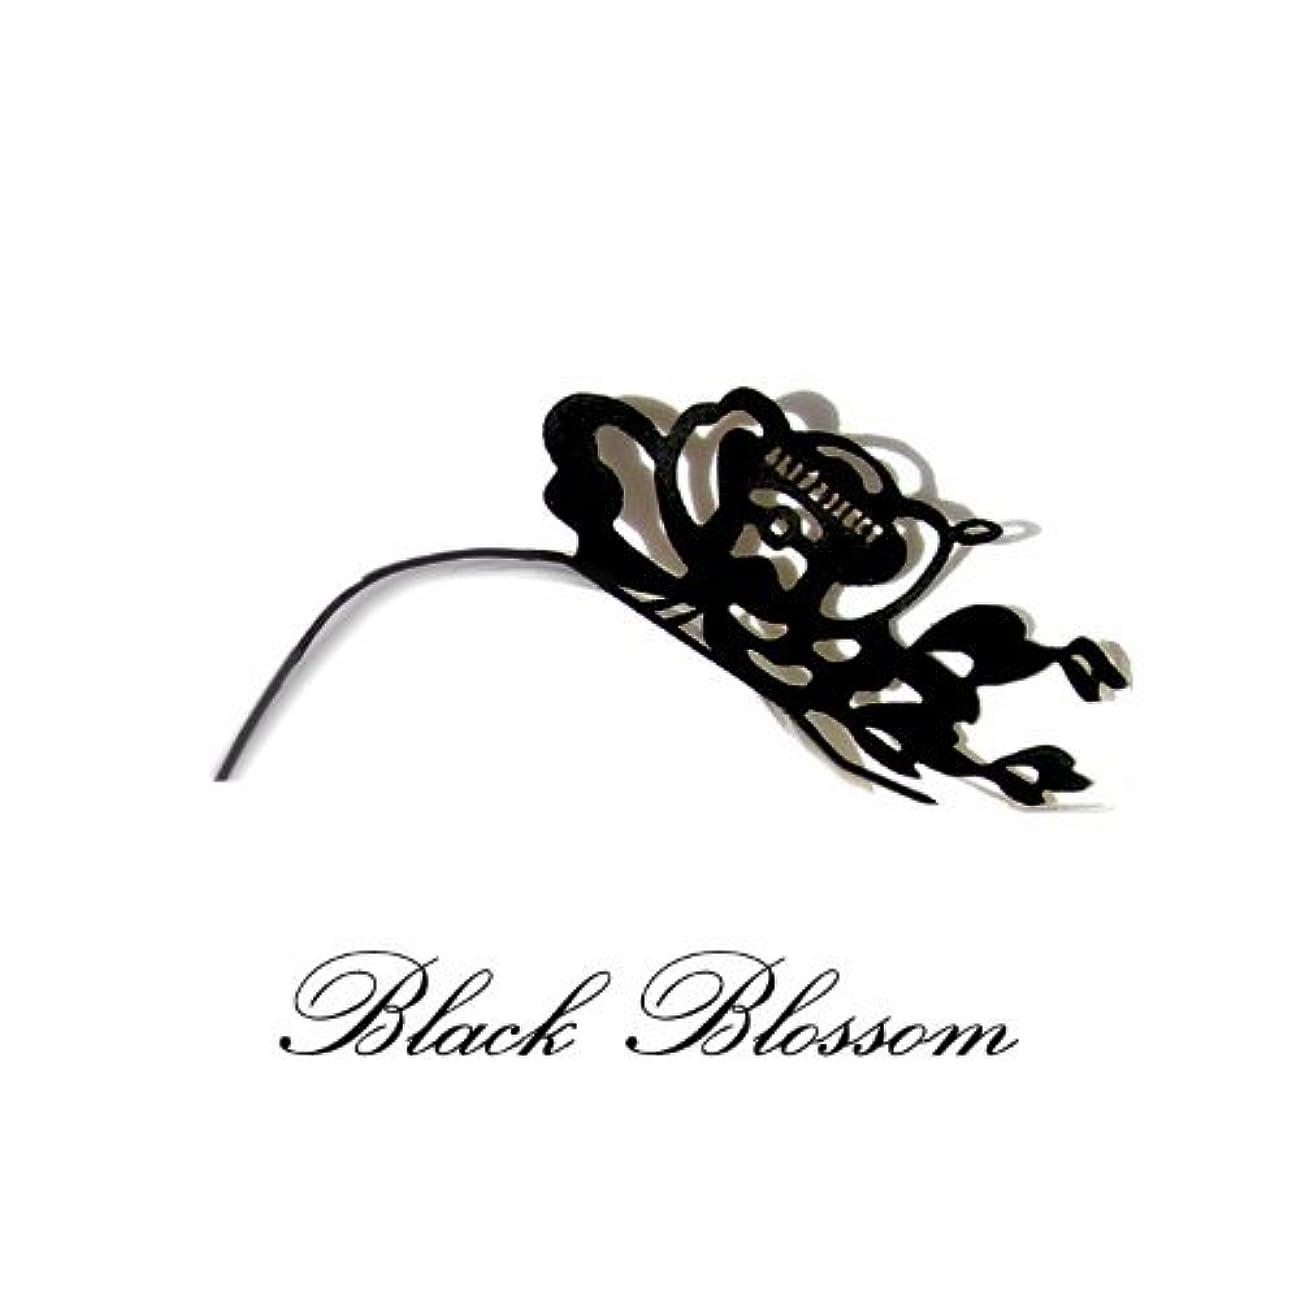 話すスイッチ楽観的つけまつ毛 ペーパーアイラッシュ パーティーやイベントにおすすめ 商品名:ブラックブロッサム(花柄)